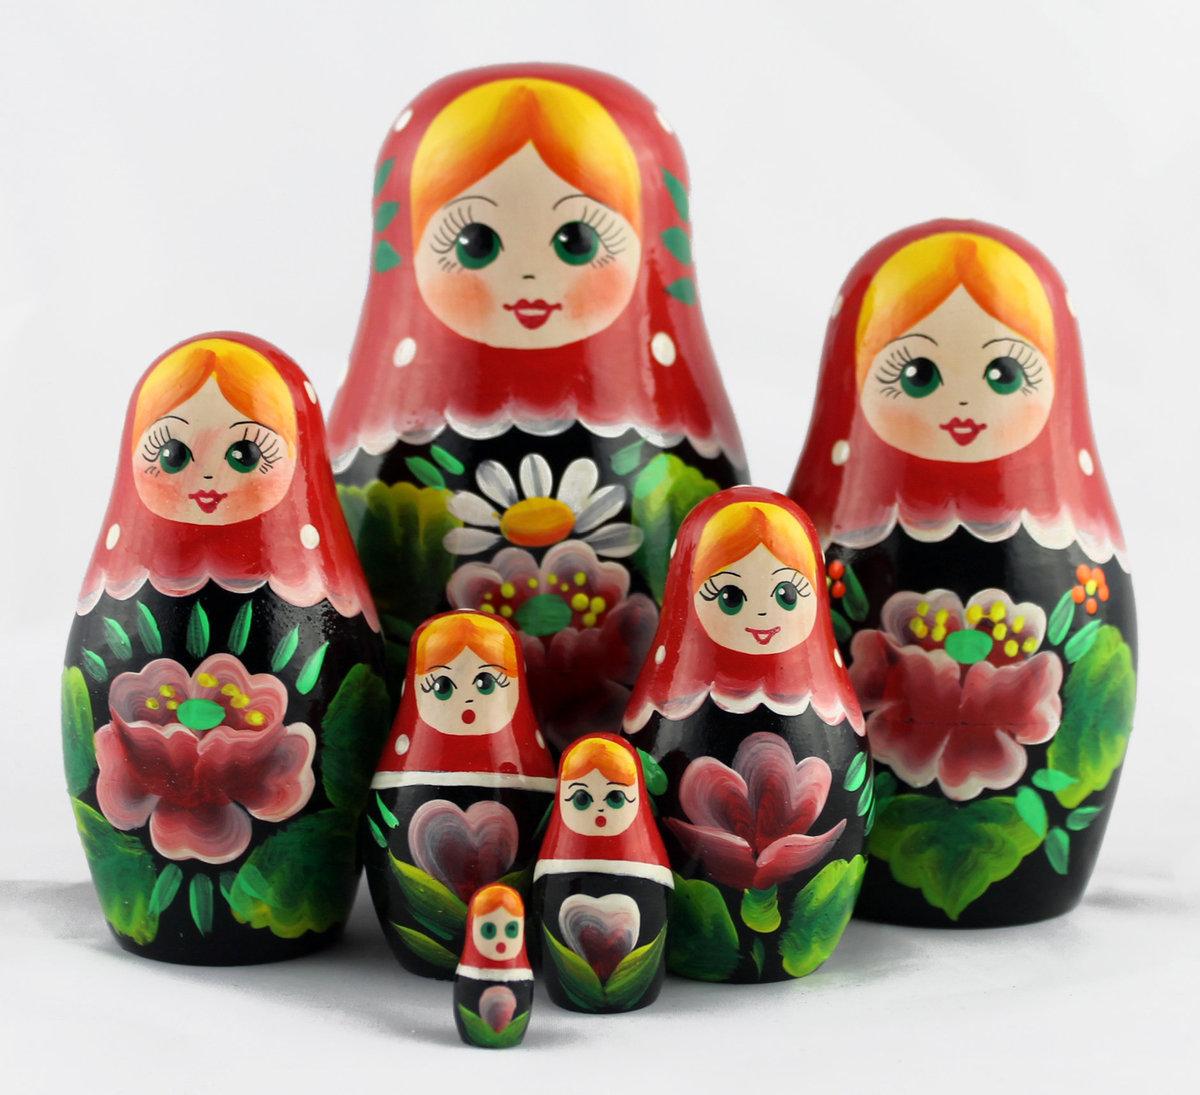 польские картинка матрешки игрушки современном